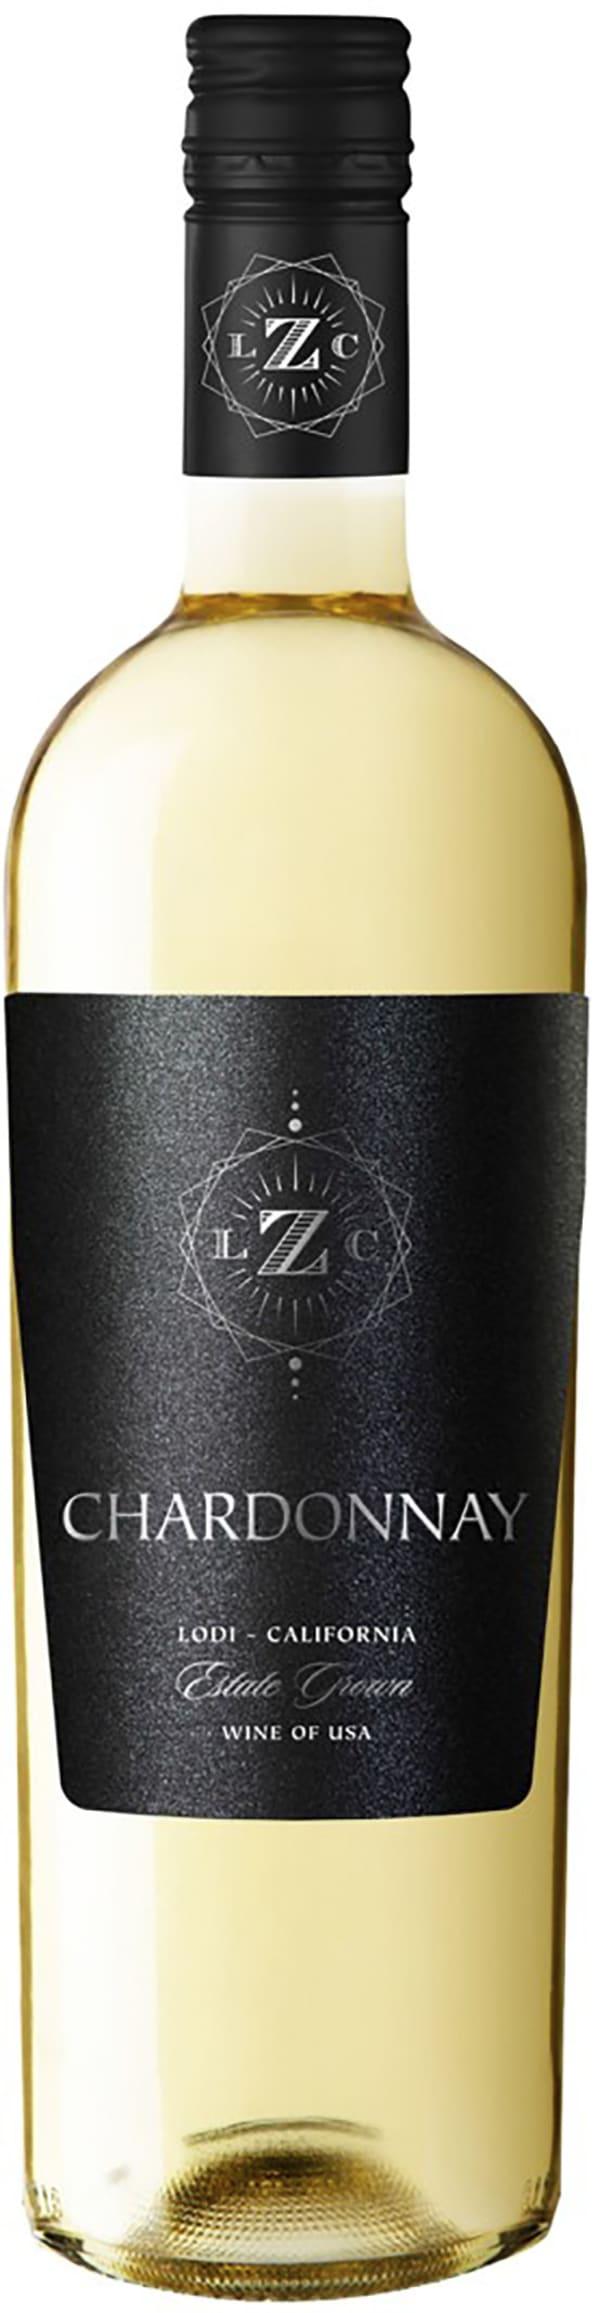 LZC Estate Grown Chardonnay 2018